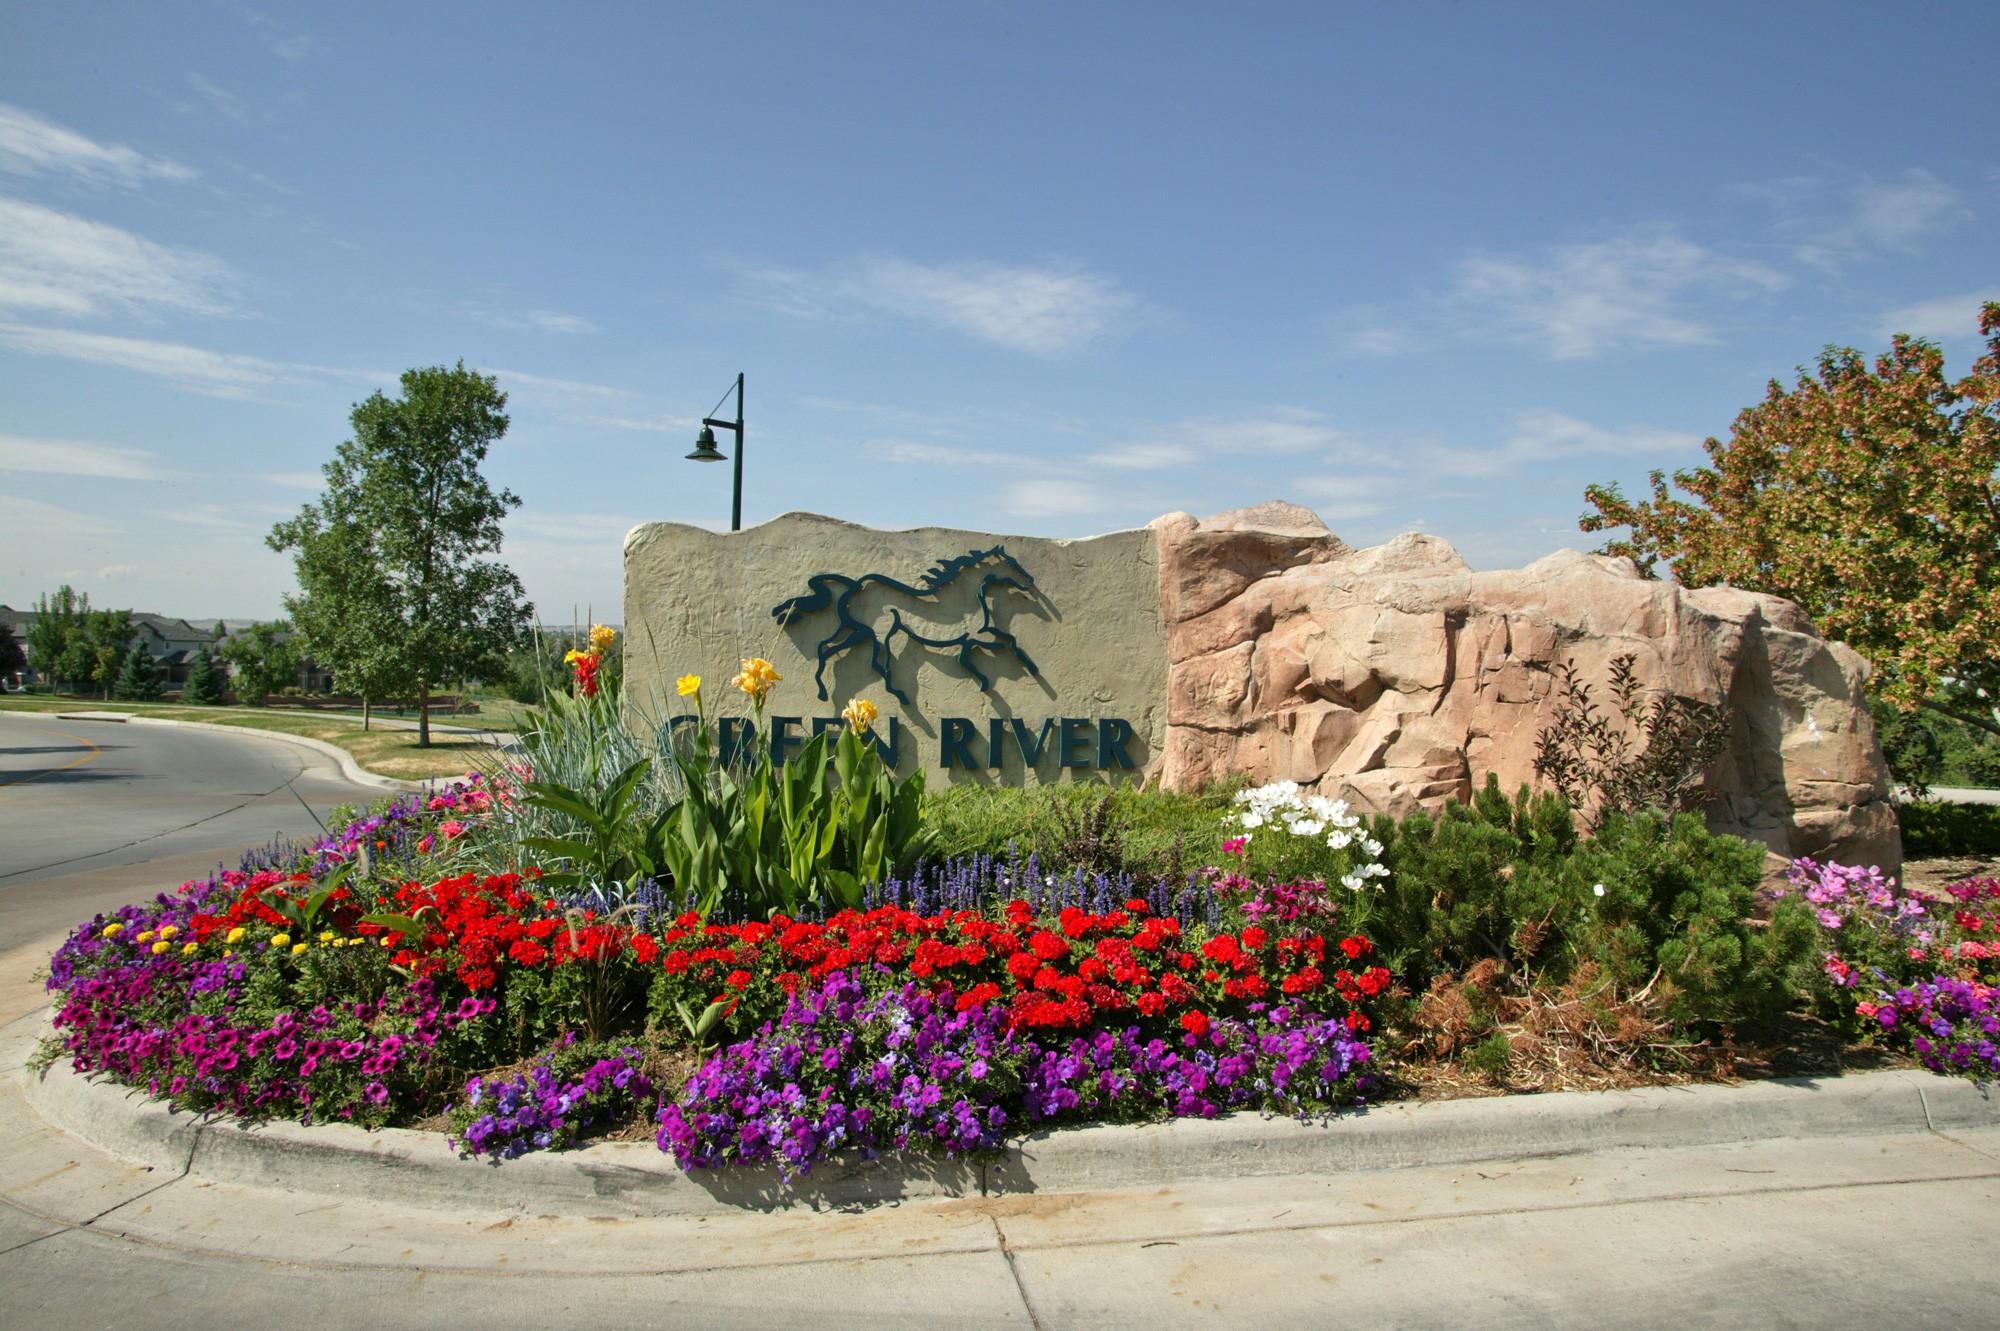 Palomino Park